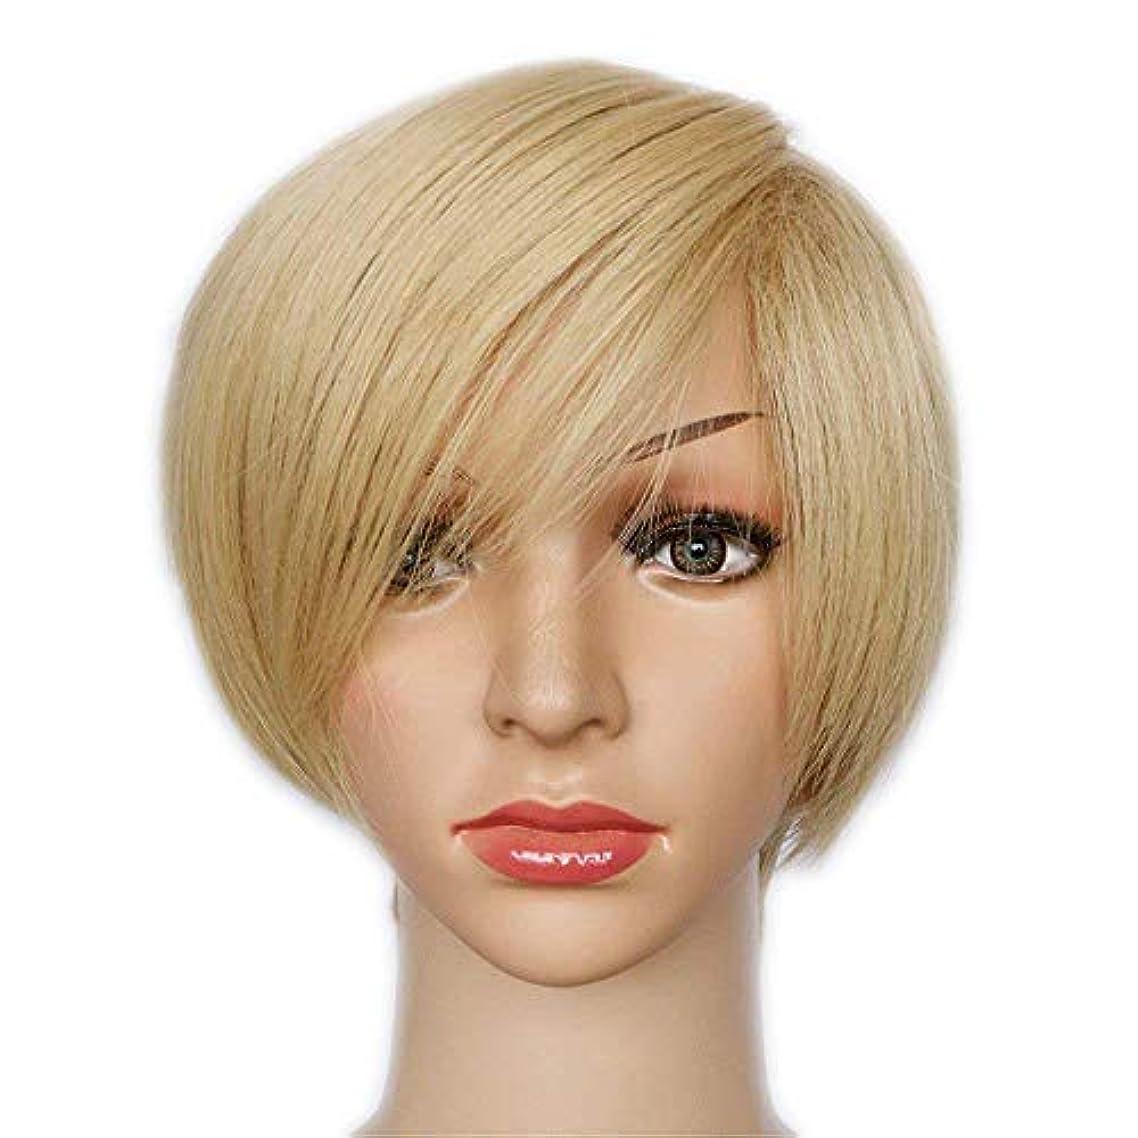 置換豊かにする単位WASAIO 金髪の自然な見た目の短いボブストレートヘア女性のファッションかつらアクセサリー前髪無料キャップとスタイルの交換 (色 : Blonde)